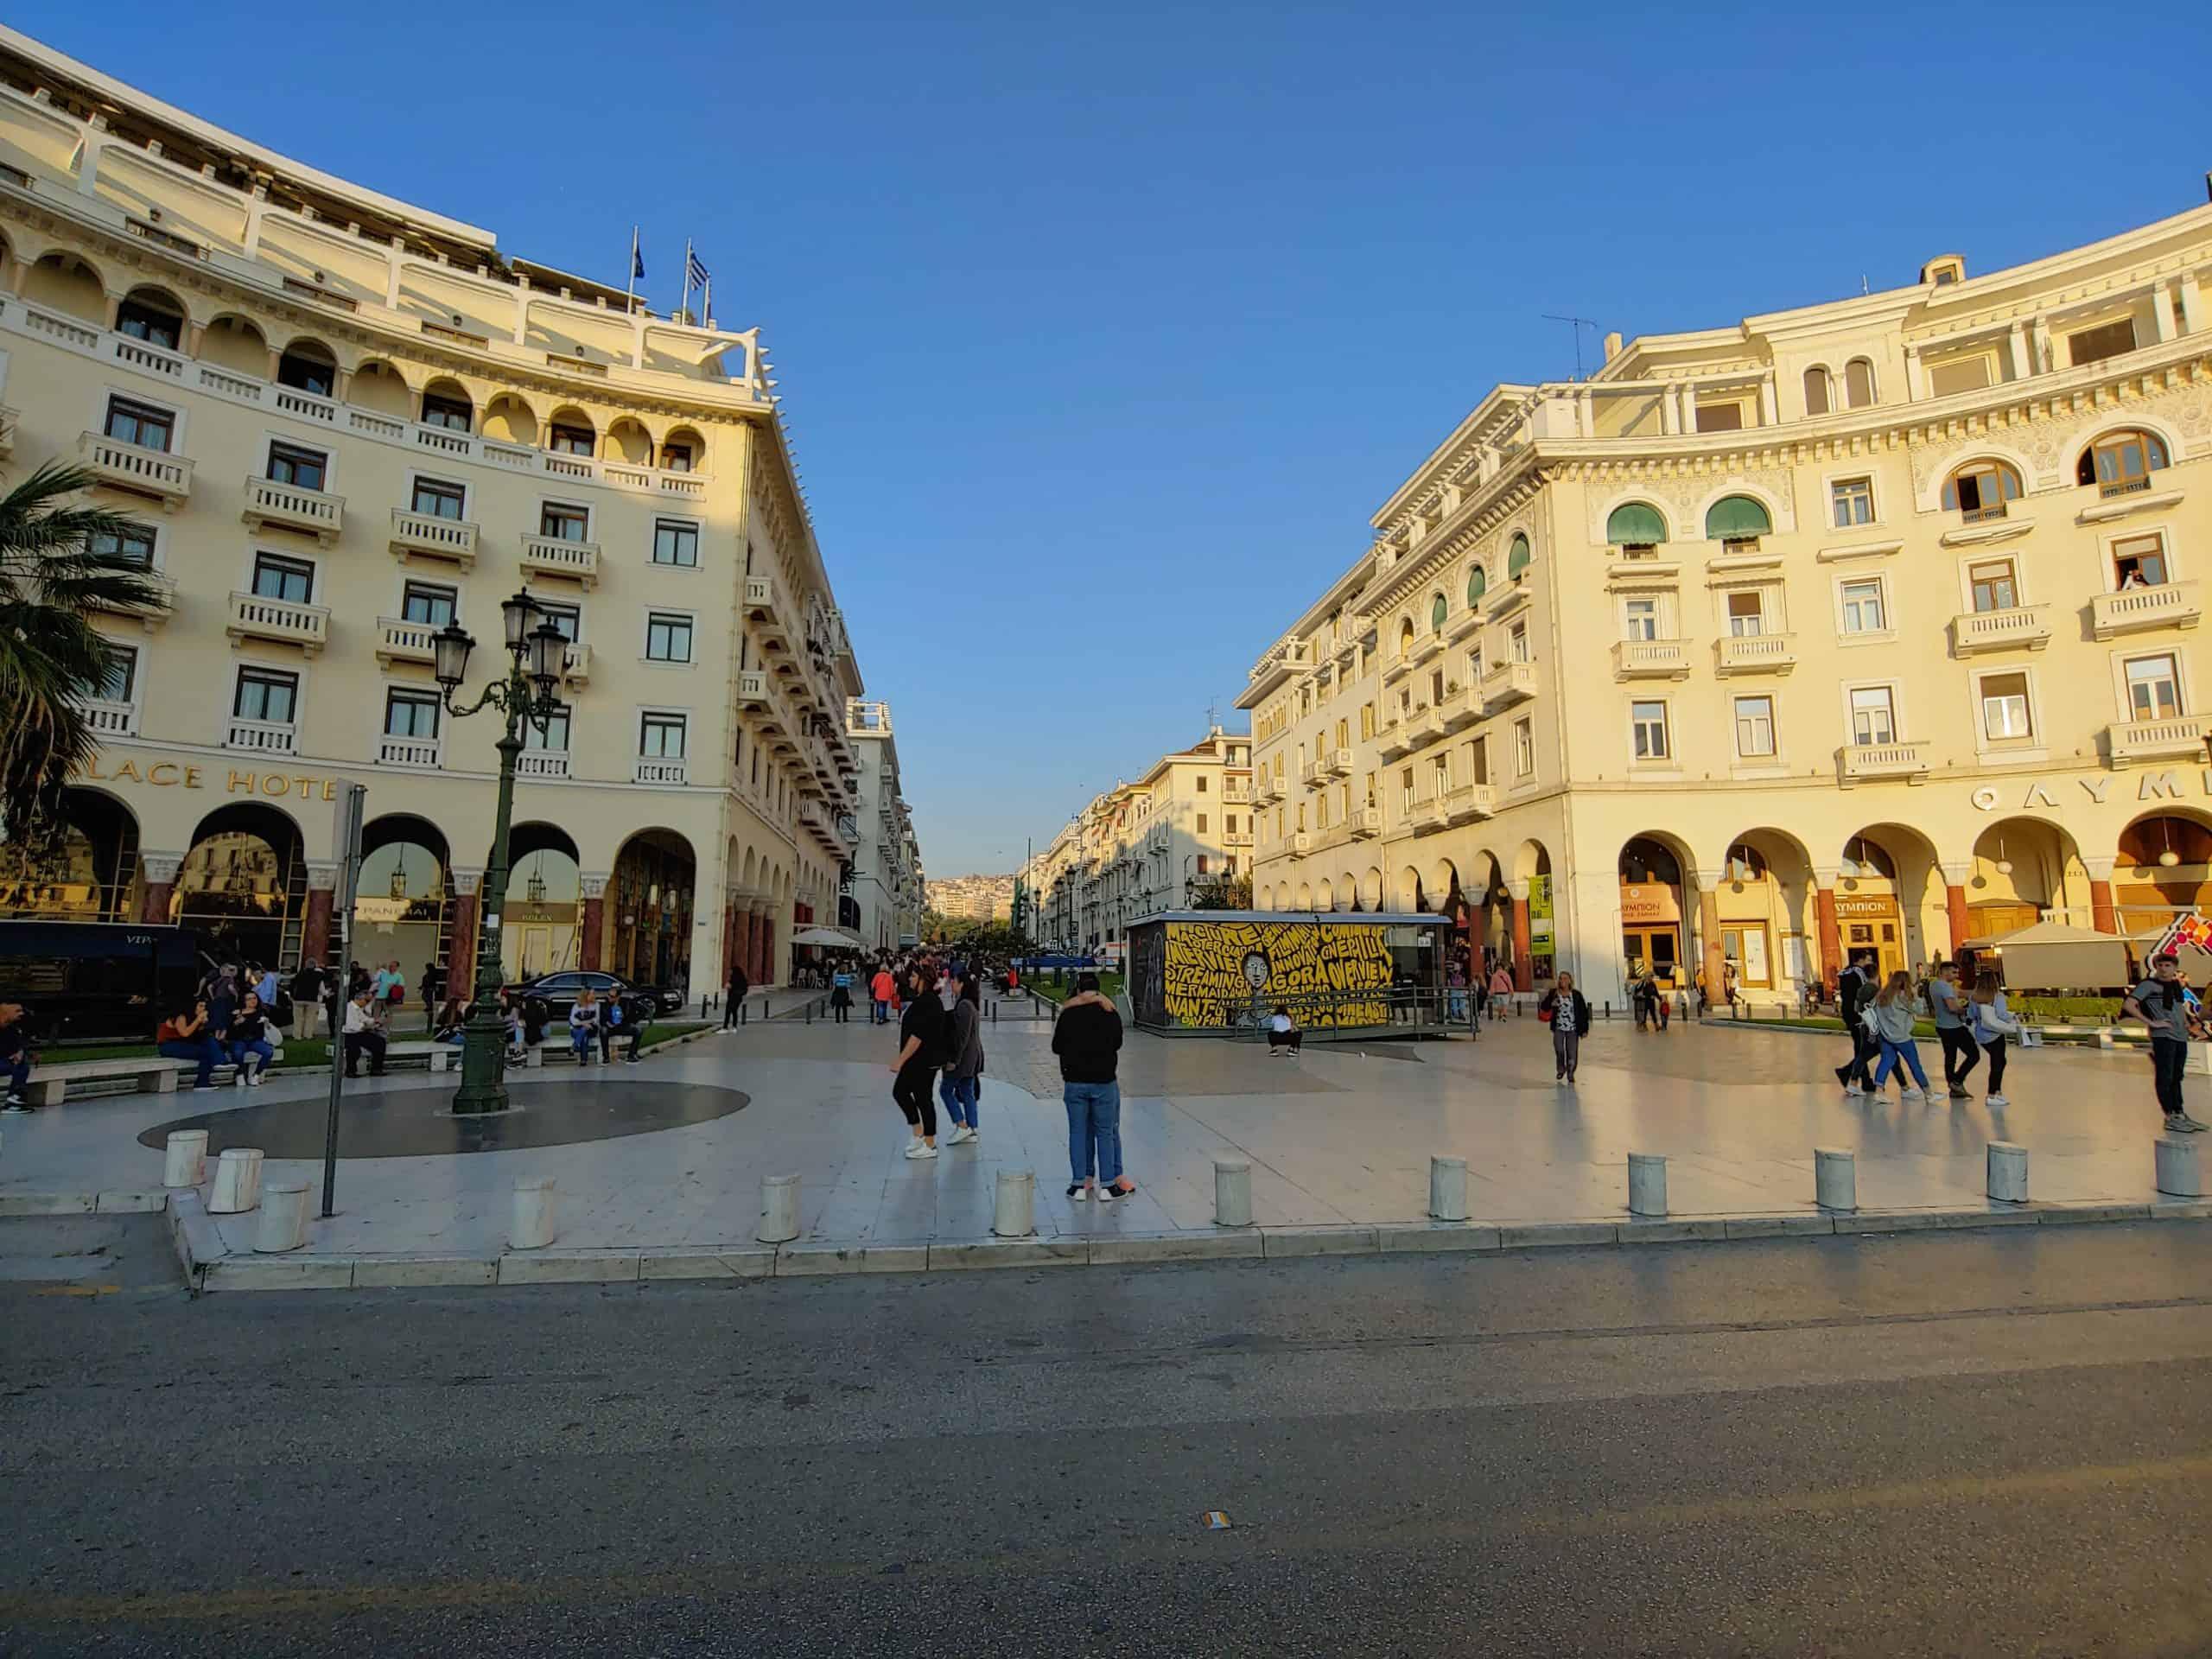 η θεσσαλονίκη σήμερα